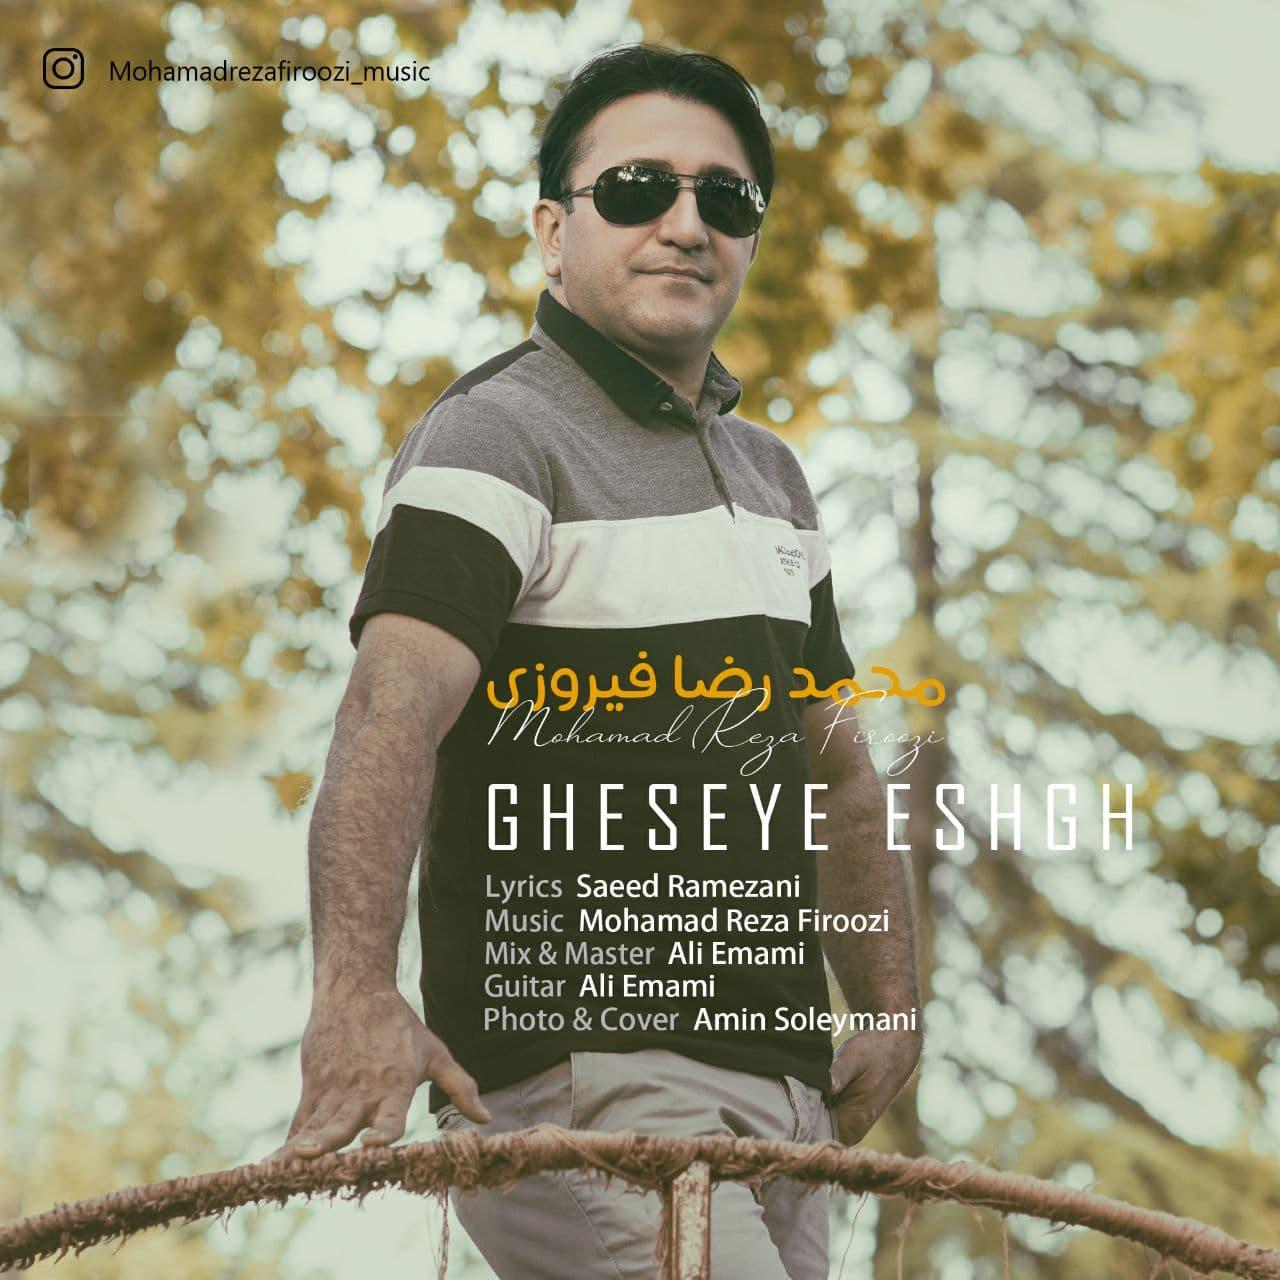 دانلود موزیک جدید محمدرضا فیروزی قصه ی عشق